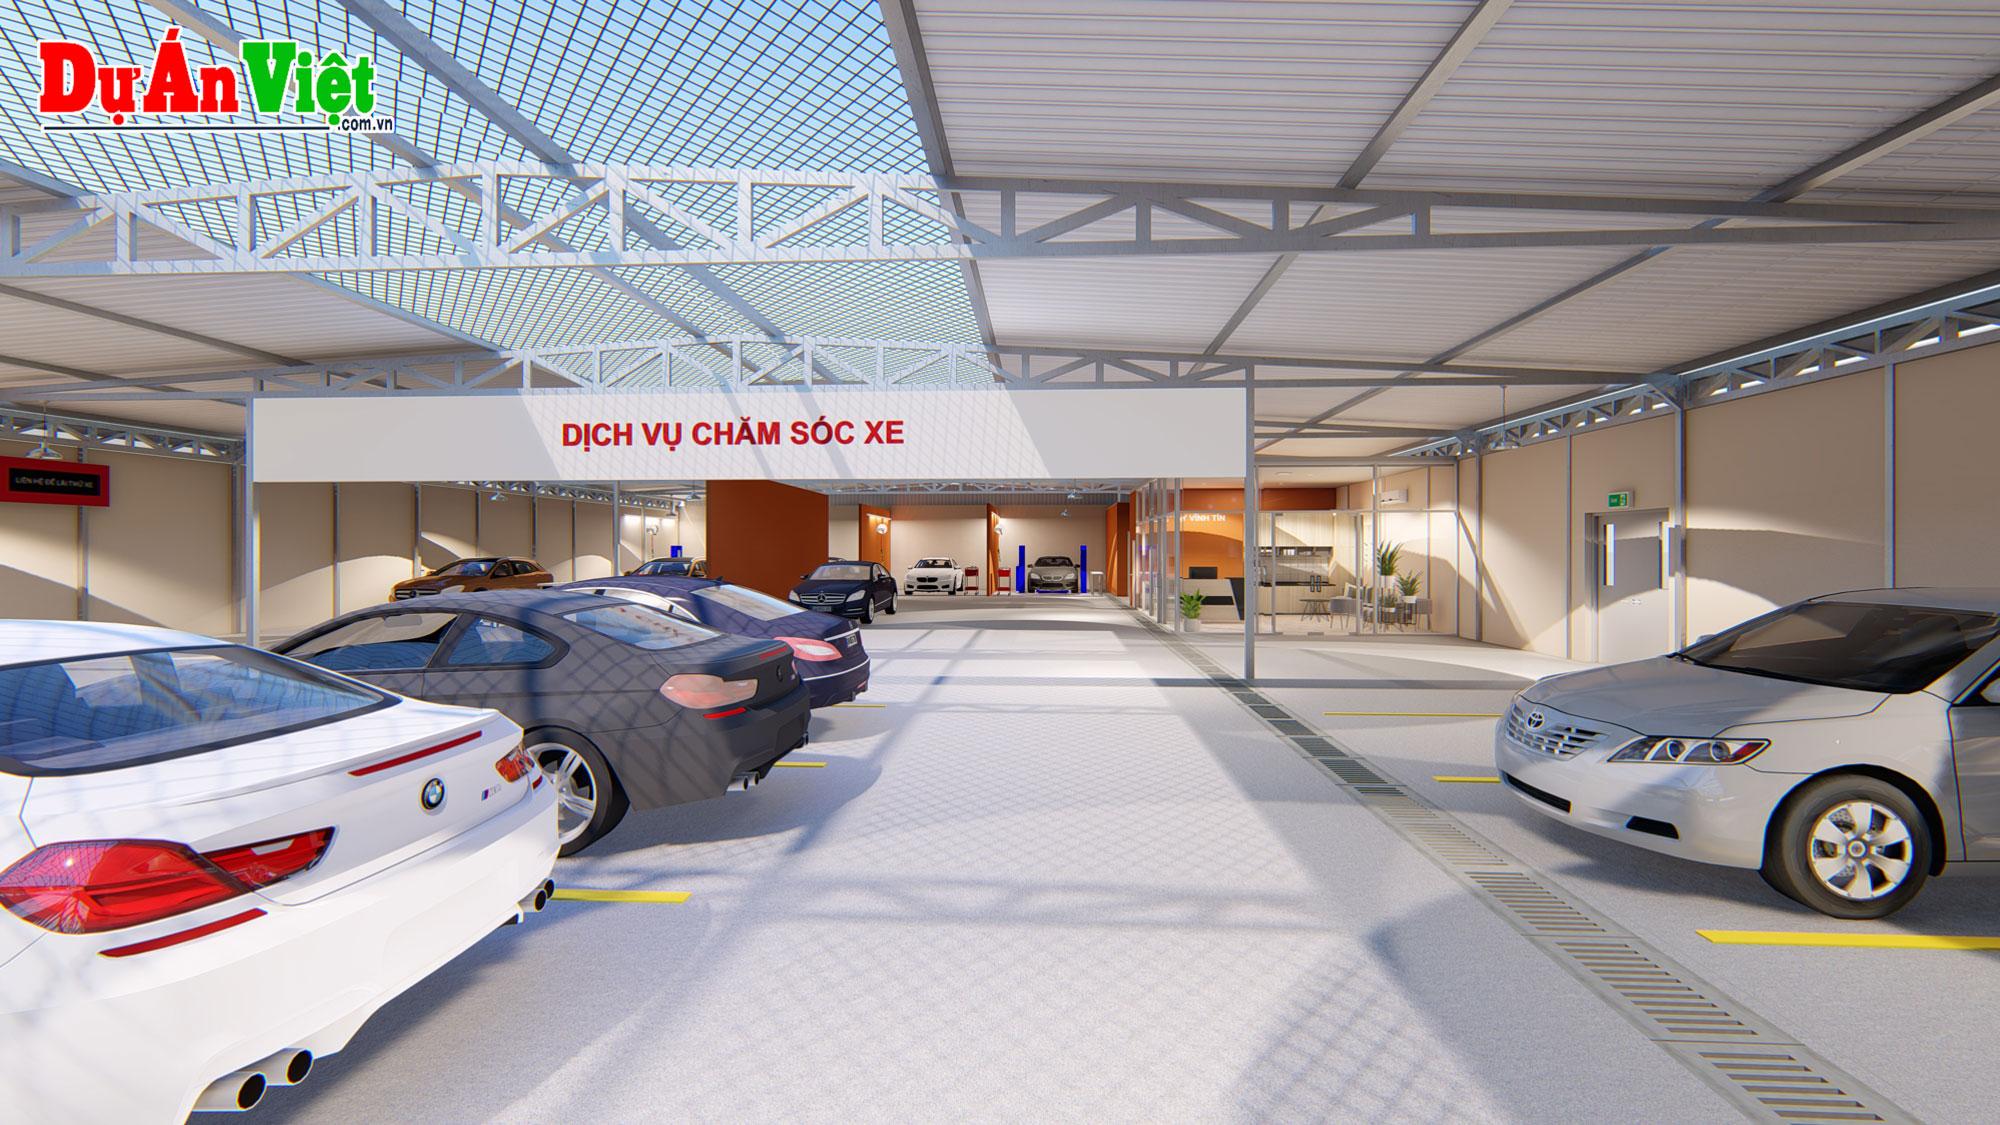 Thiết kế quy hoạch - Bản vẽ phối cảnh dự án Dịch vụ chăm sóc xe ô tô